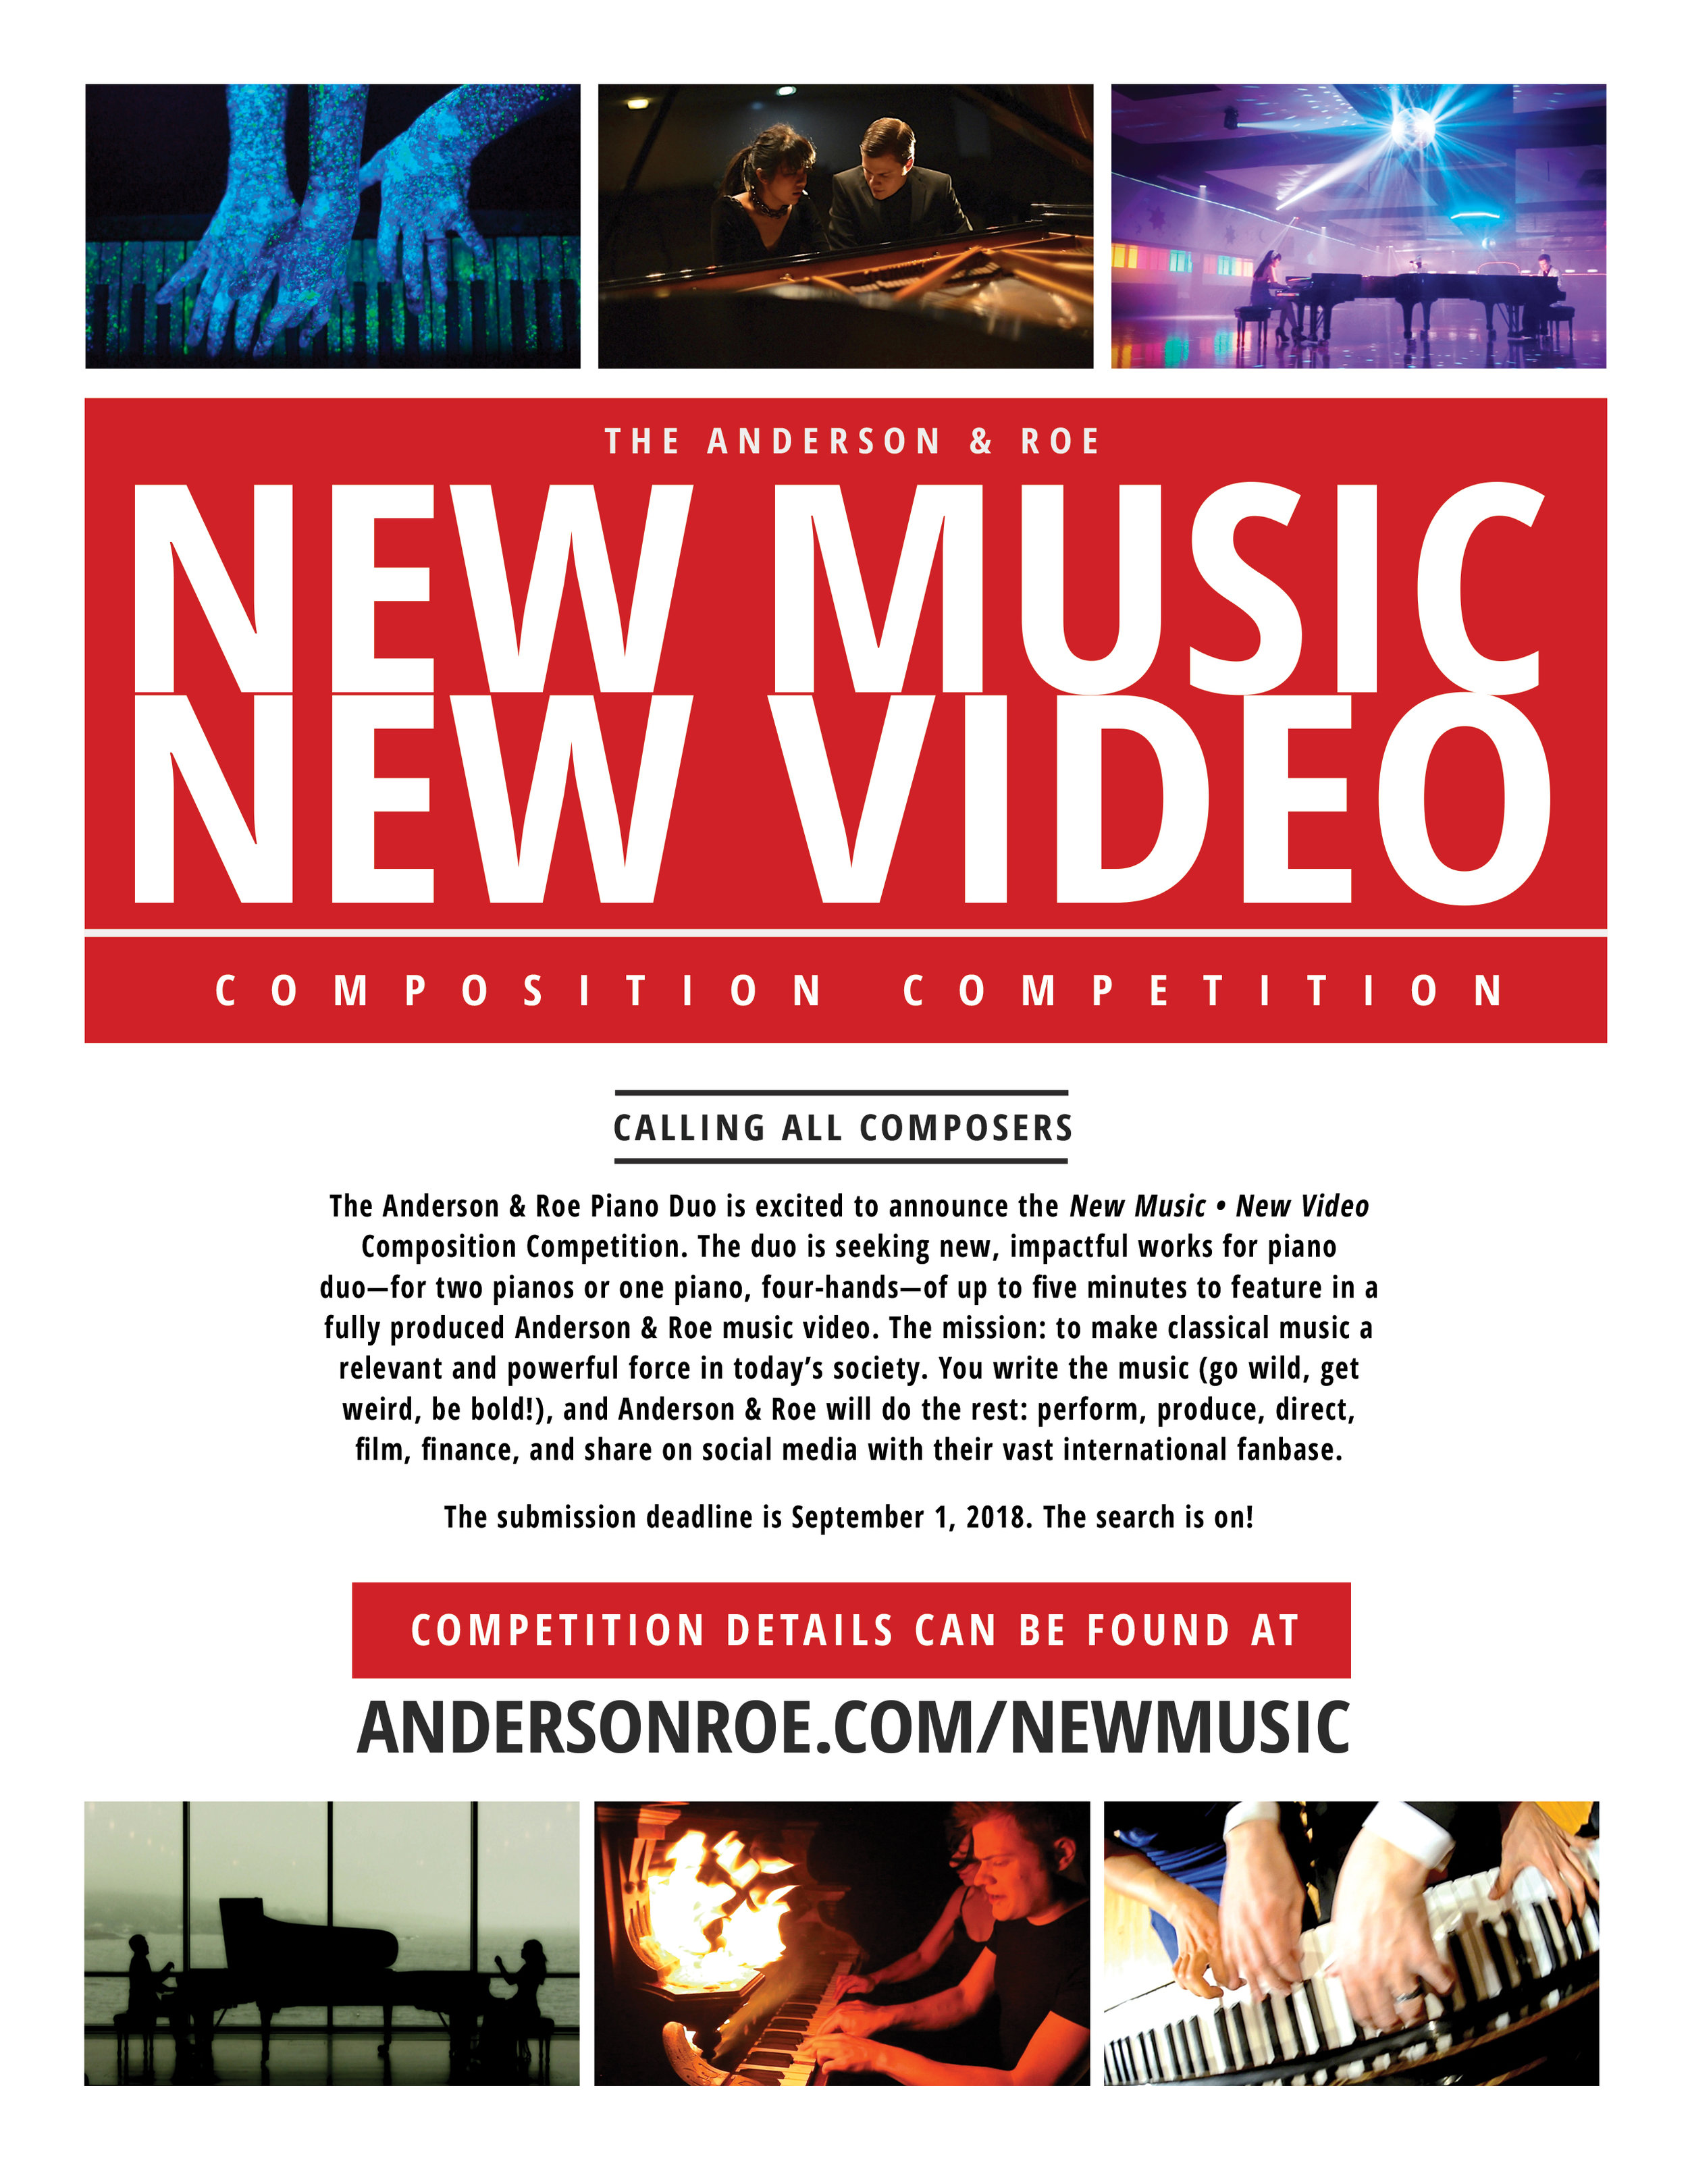 new music new video flyer g.jpg